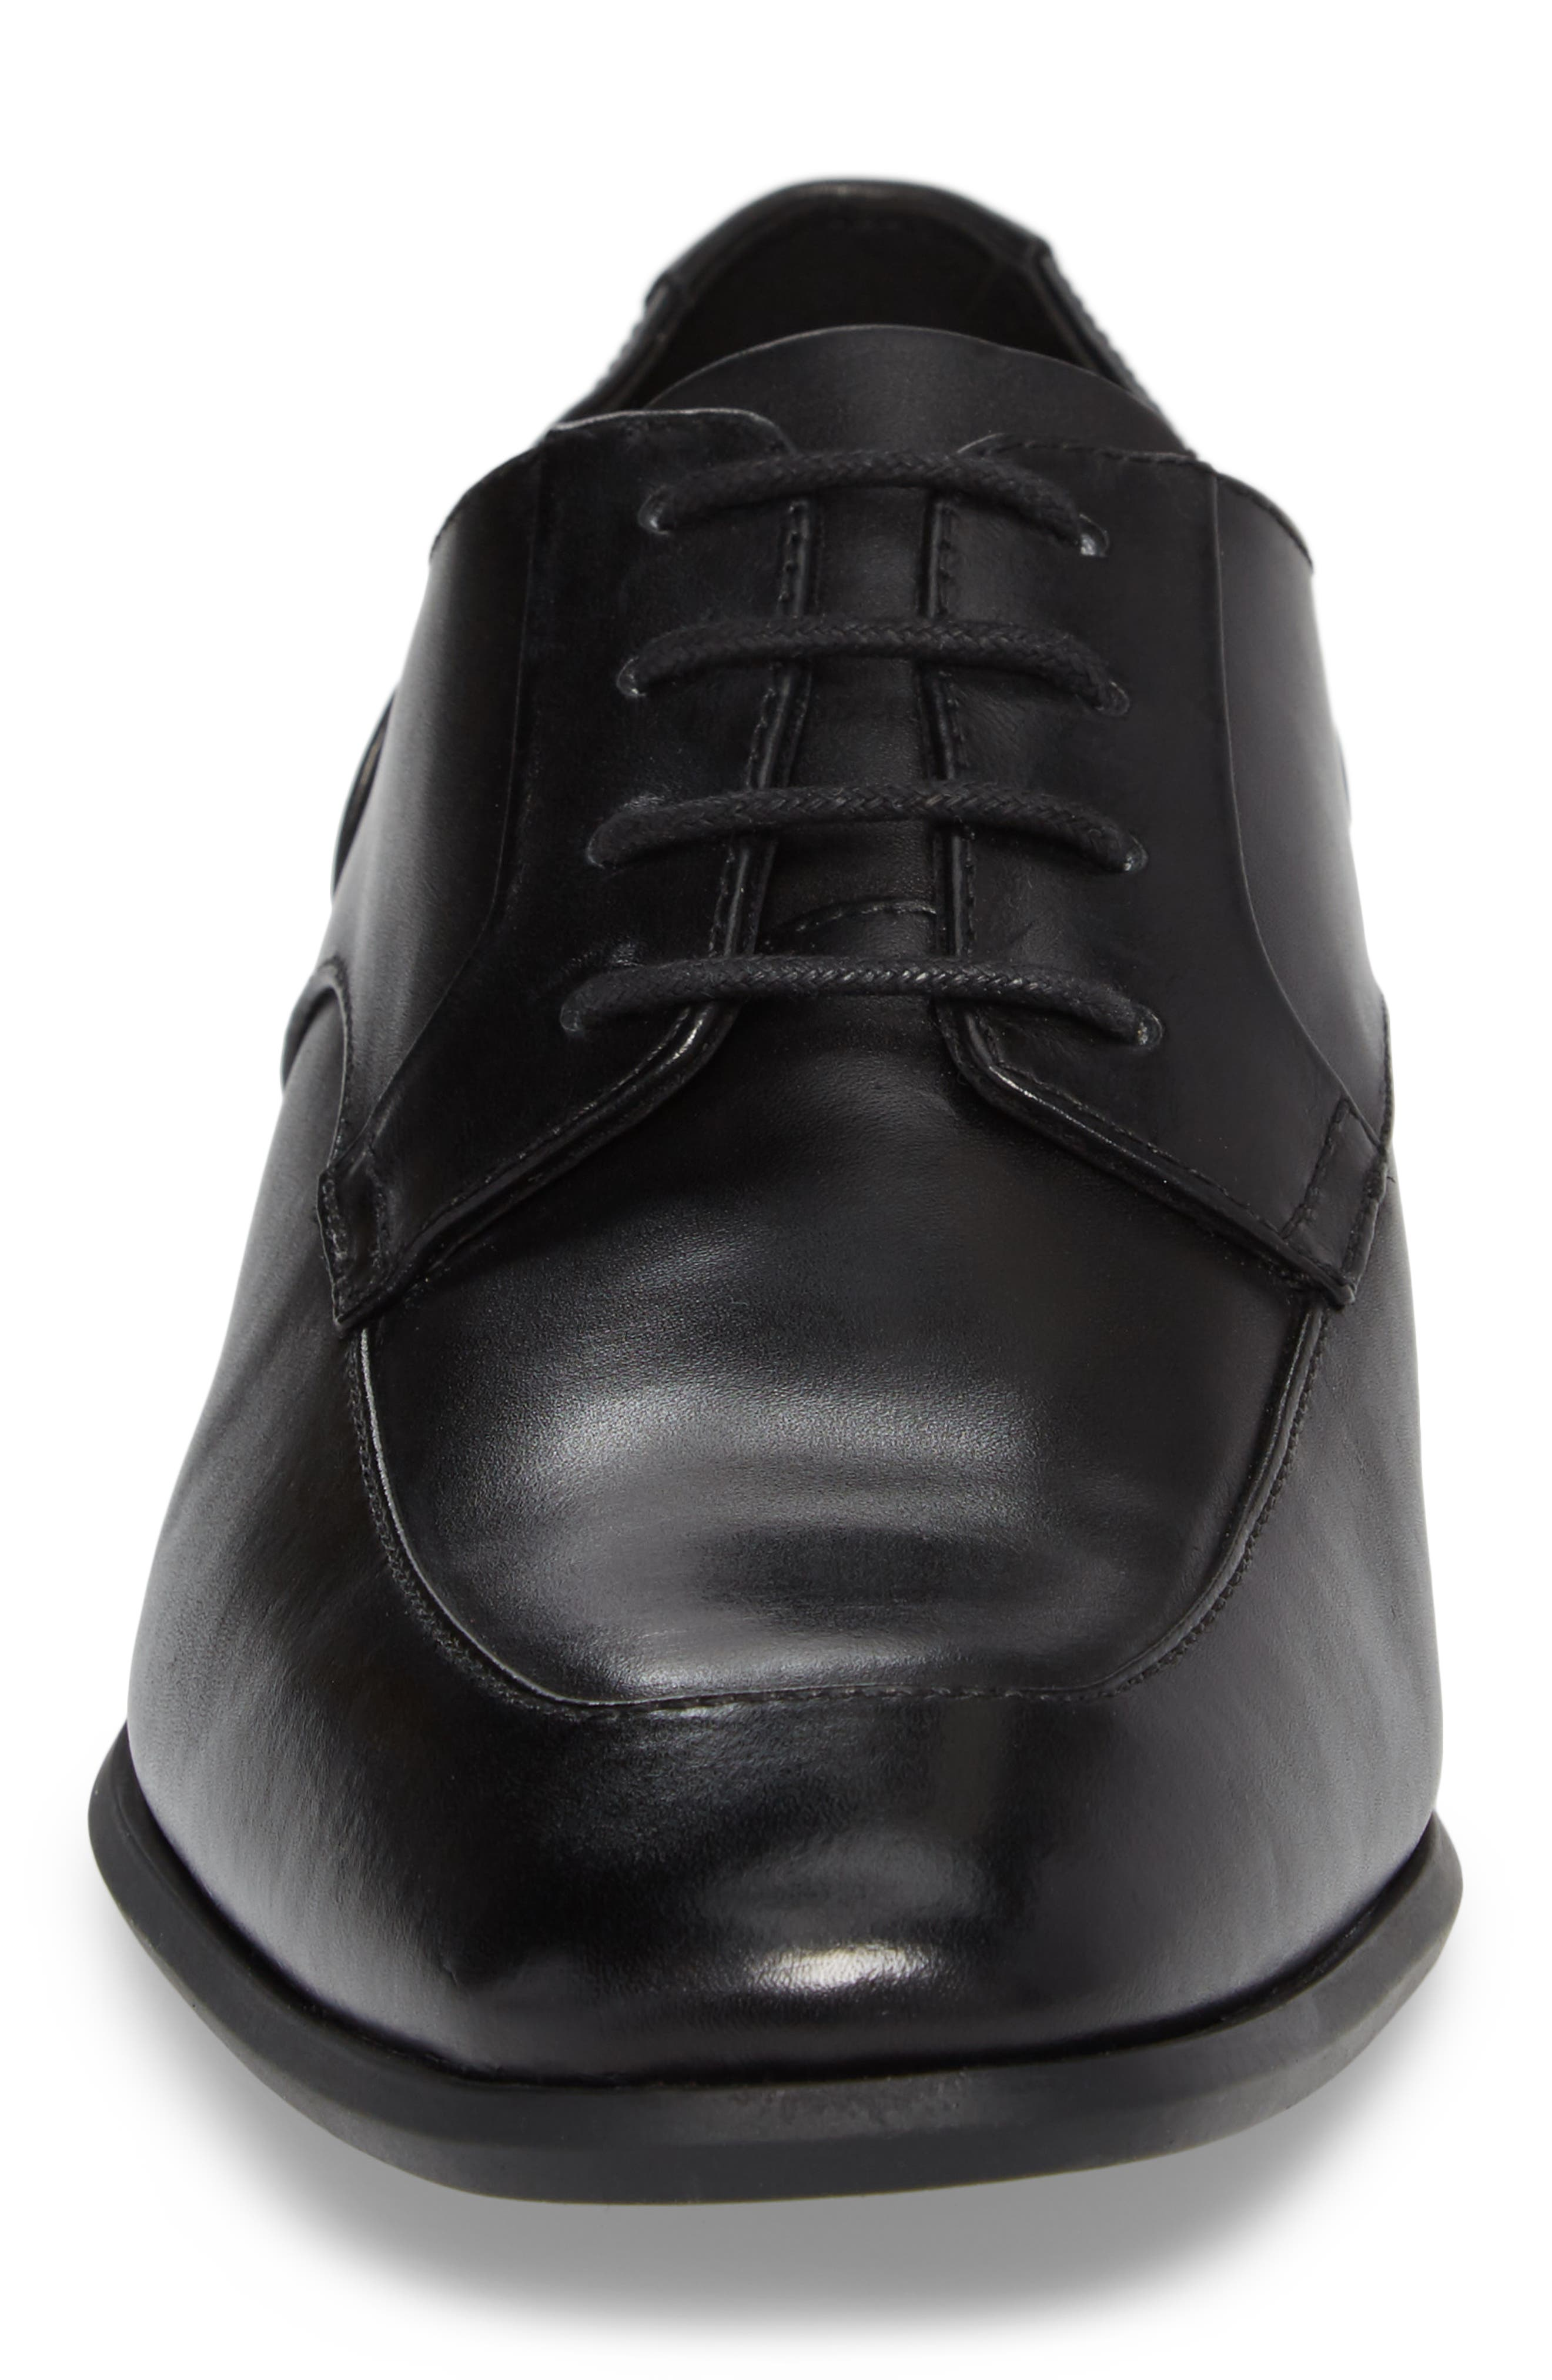 Lazarus Apron Toe Derby,                             Alternate thumbnail 4, color,                             Black Leather